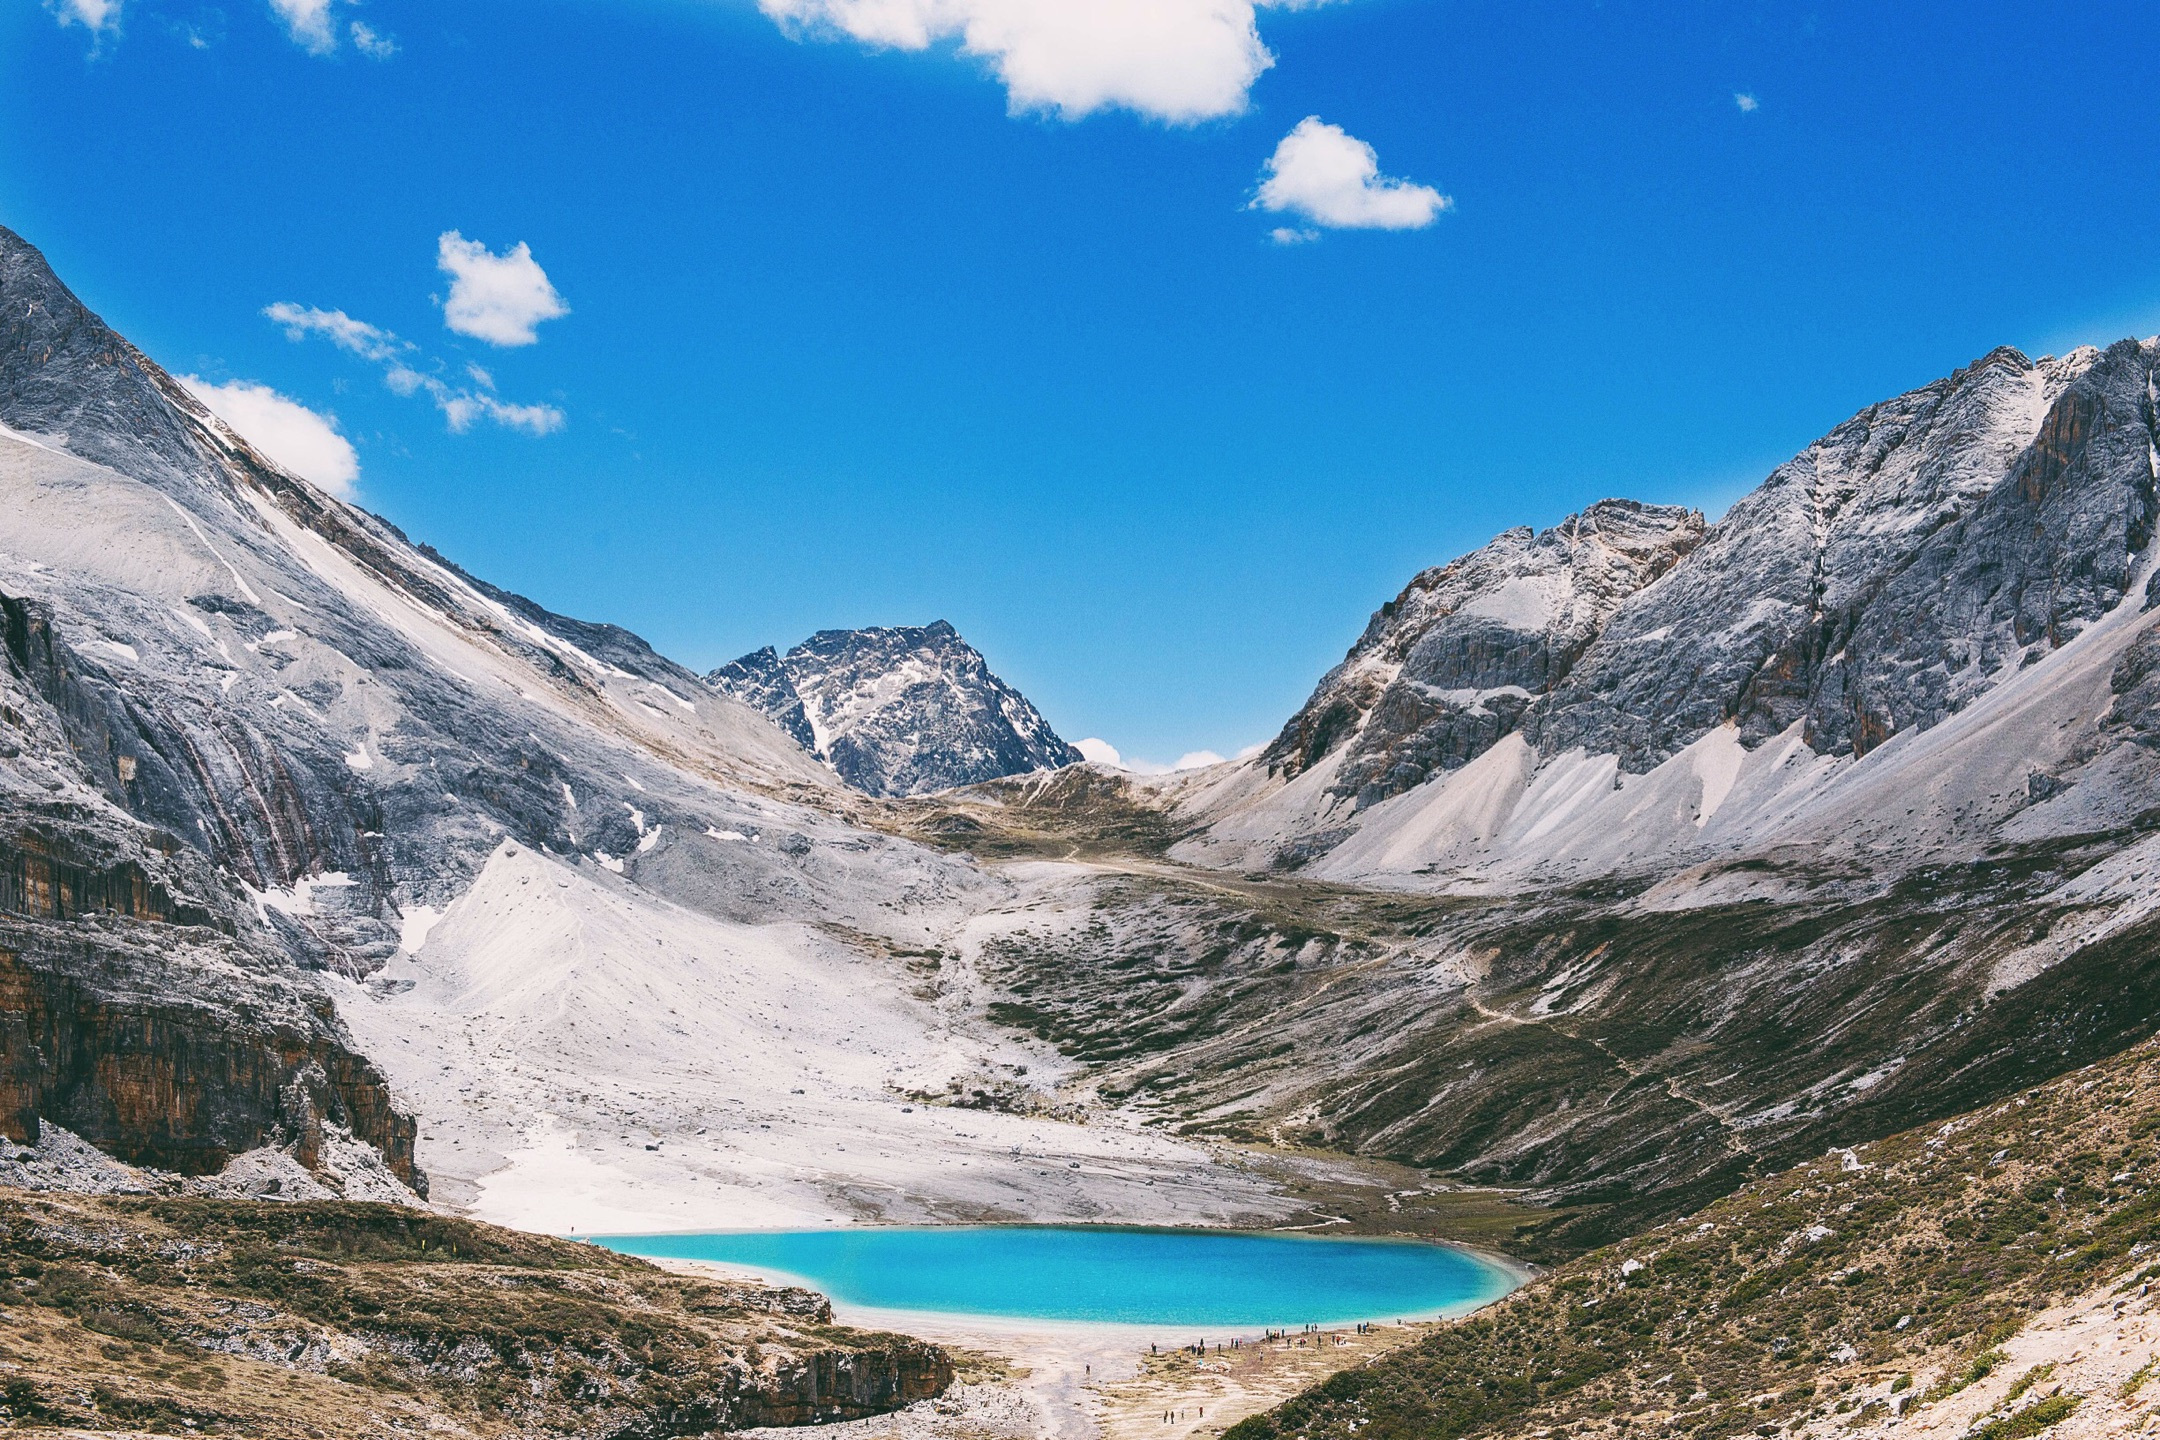 川藏南线,最美的进藏路,南线自然风景相比北线更为秀丽,如: 摄影天堂